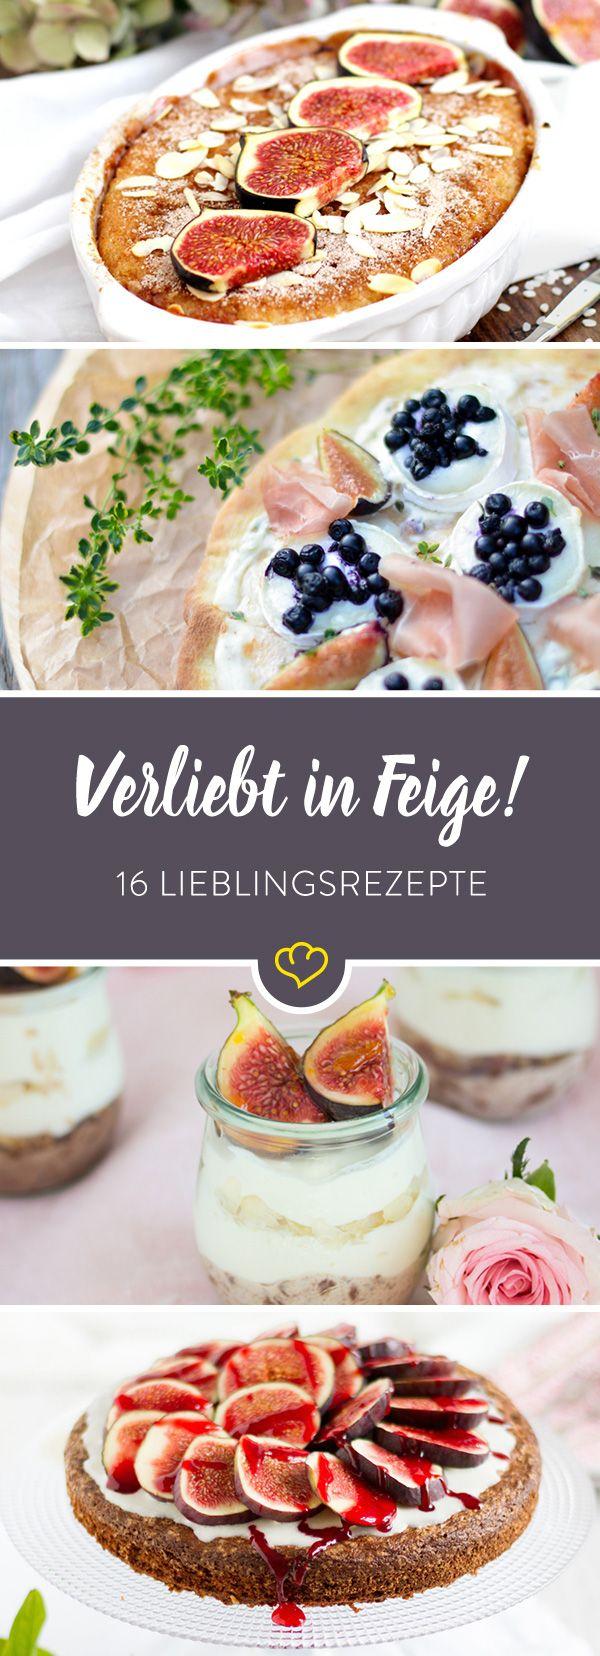 Frisch, fruchtig, Feige! 17 Lieblingsrezepte mit der Herbstfrucht